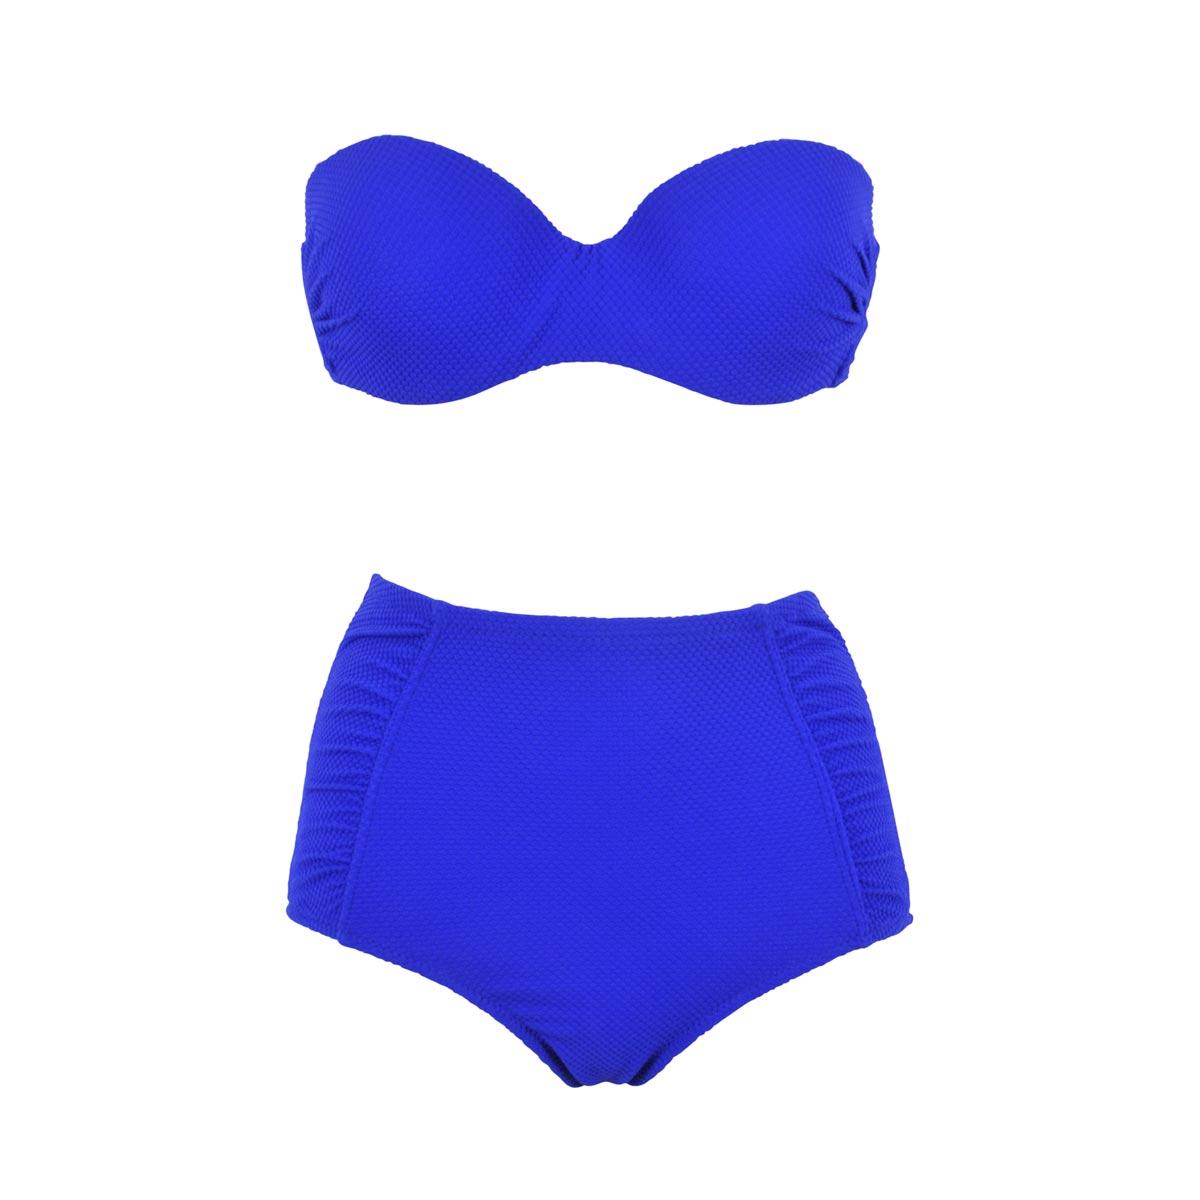 taille maillot de bain femme latest voir les meilleurs bikinis et maillots ici pour vous ucucuc. Black Bedroom Furniture Sets. Home Design Ideas